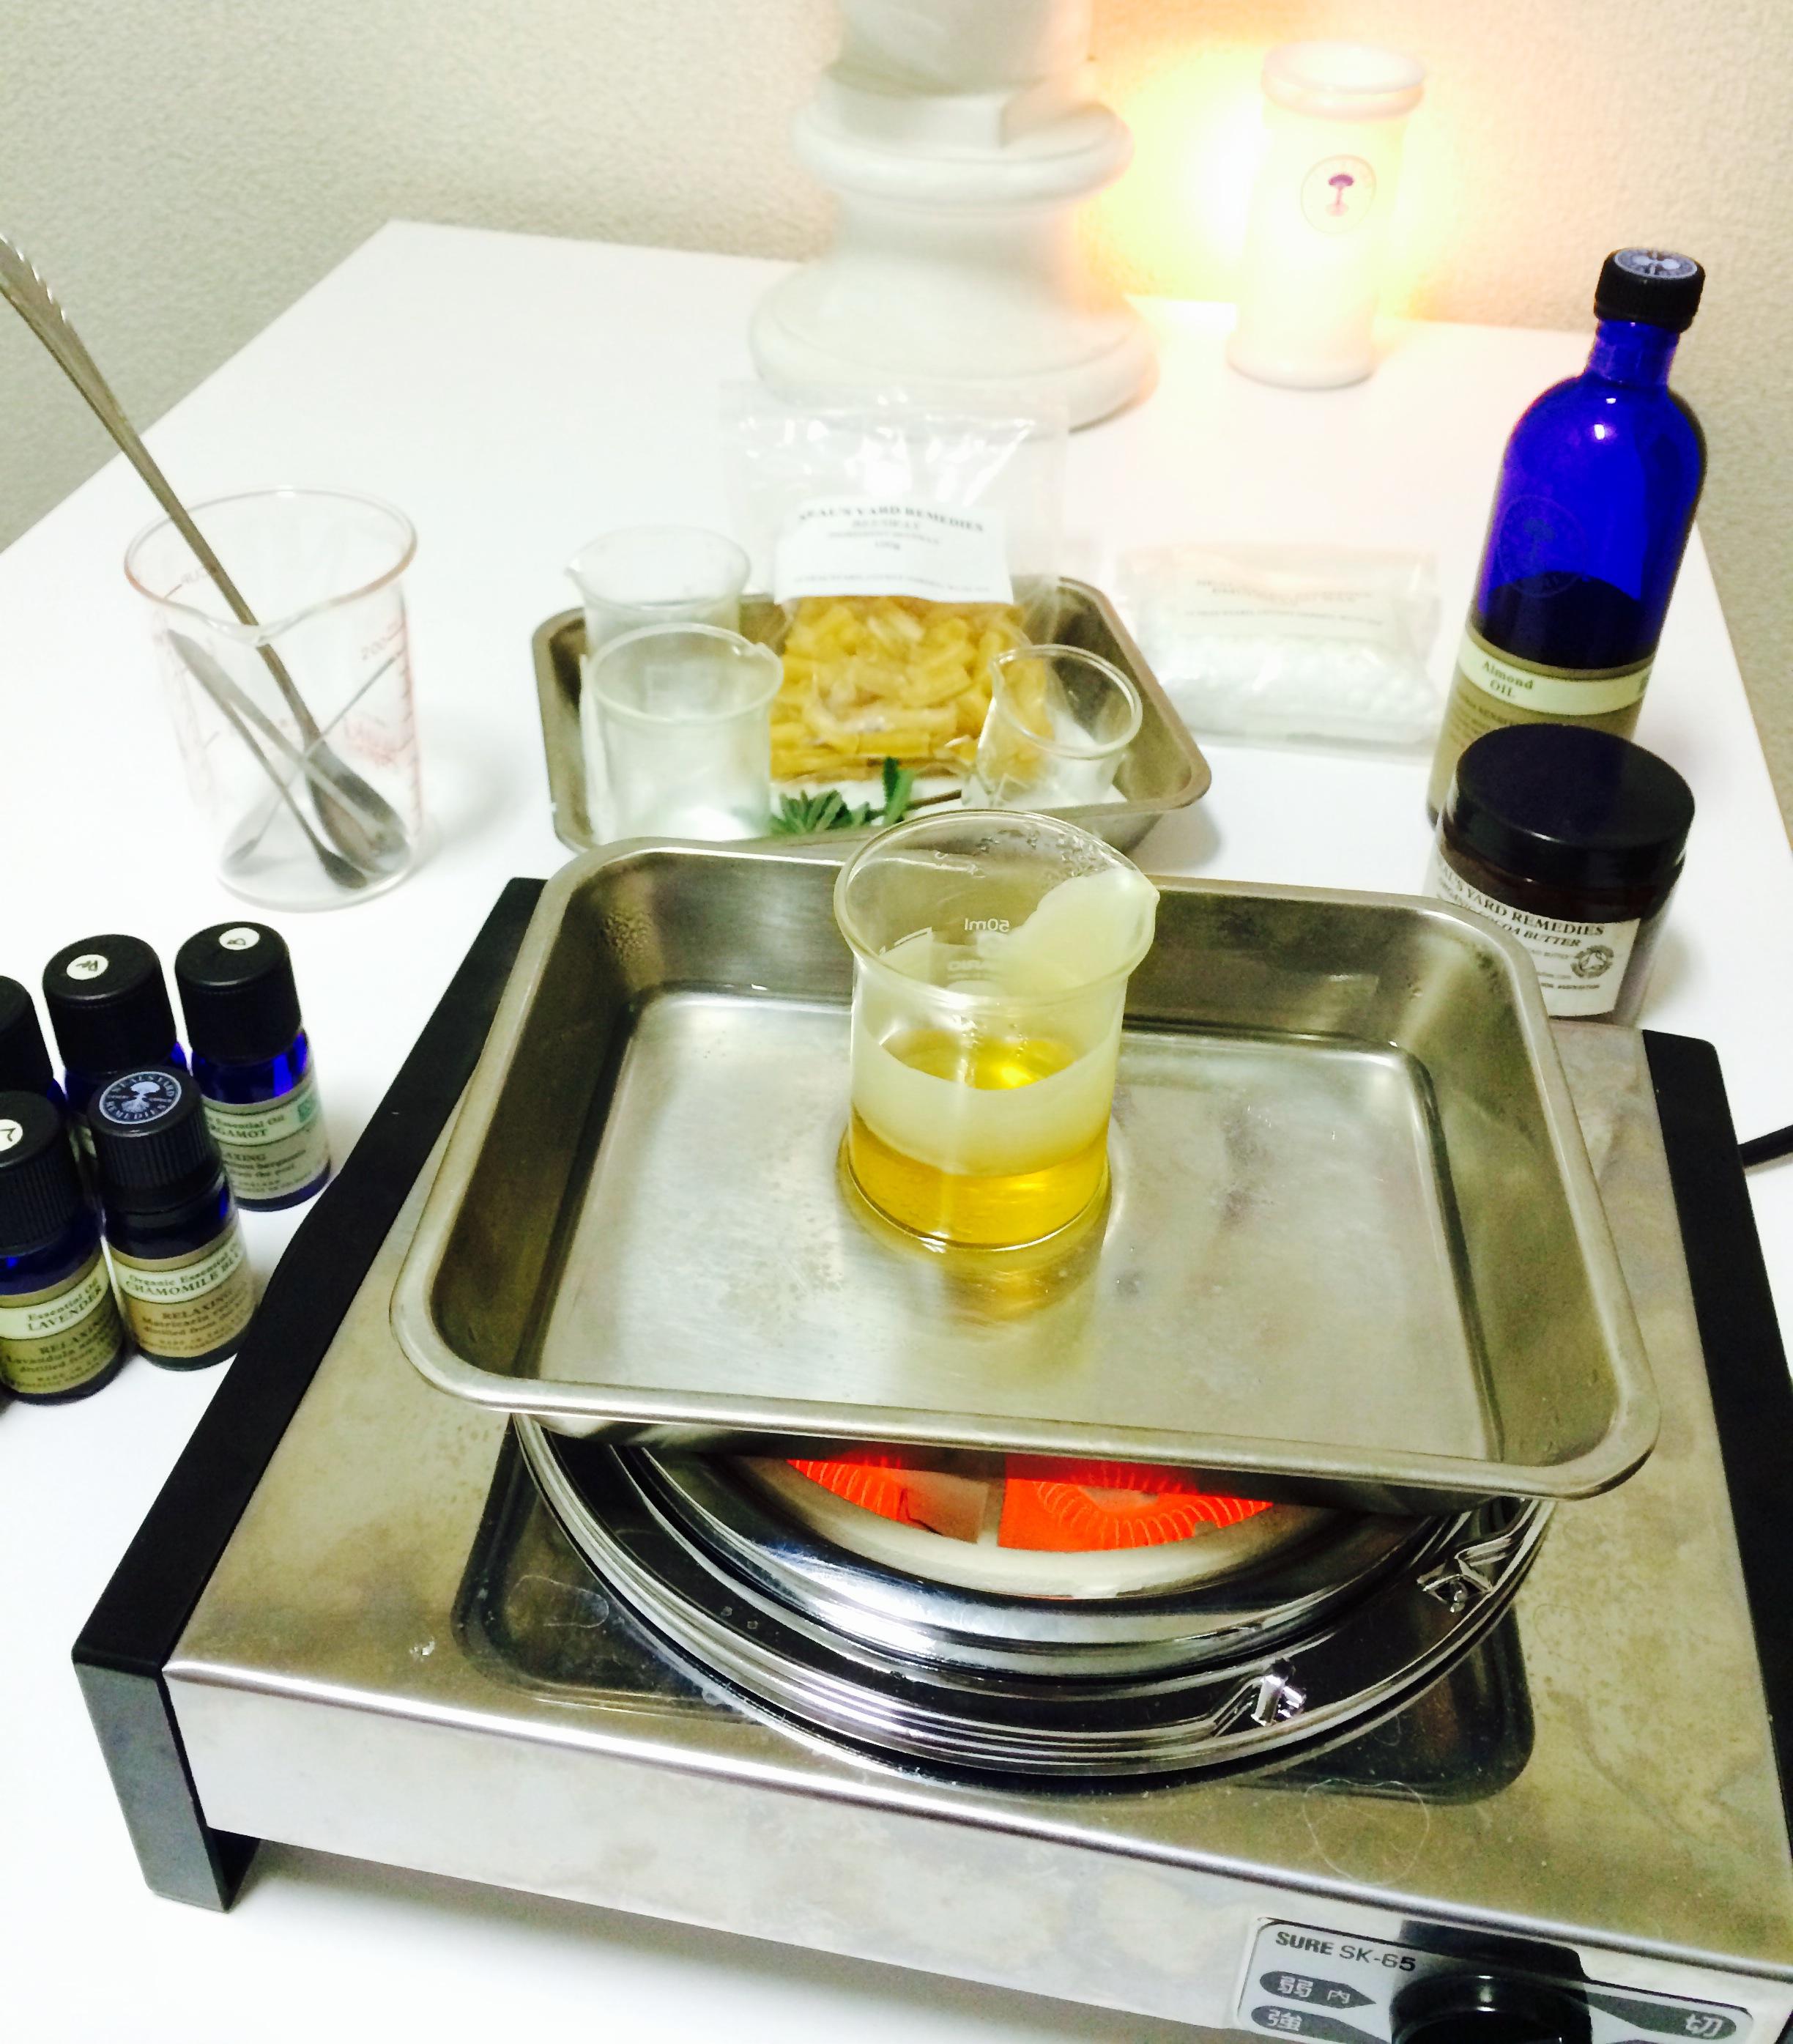 蜜蝋クリーム作り 蜜蝋を湯煎してアロマを入れる 楽しい手作りクリーム